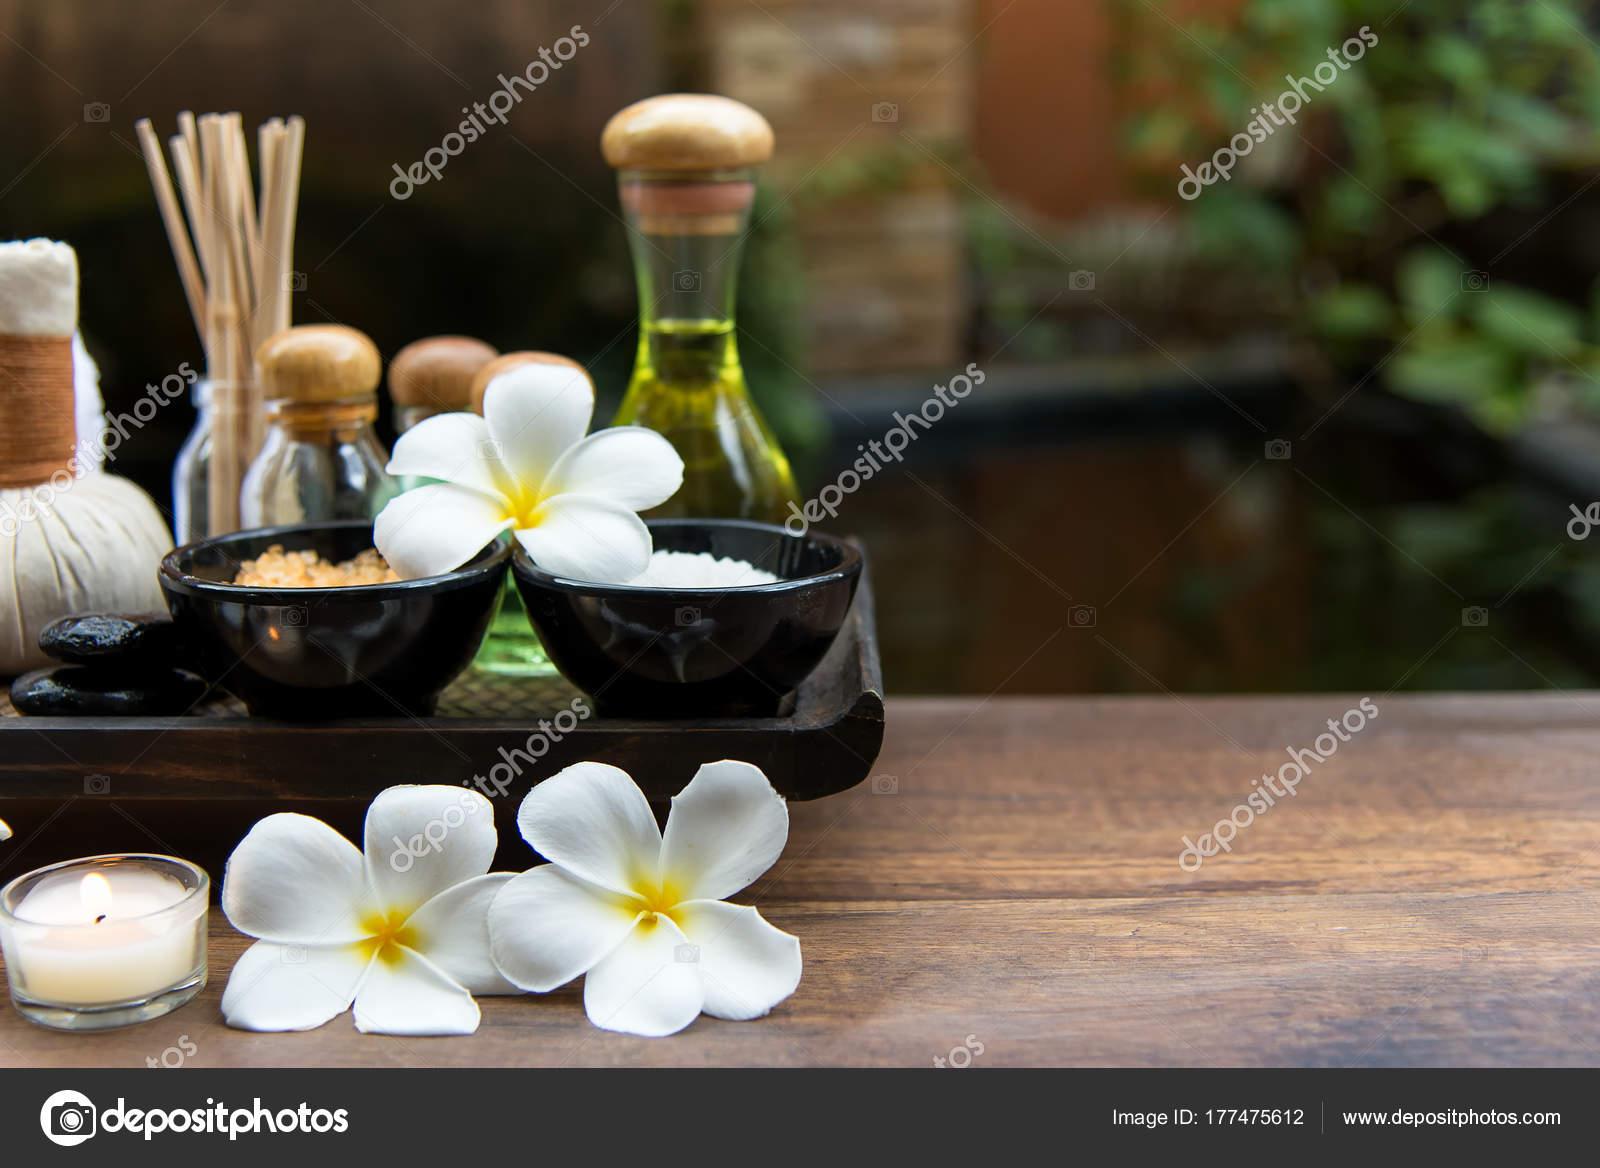 palle impacco massaggio thai spa palla base erbe trattamento spa foto stock freebird7977. Black Bedroom Furniture Sets. Home Design Ideas